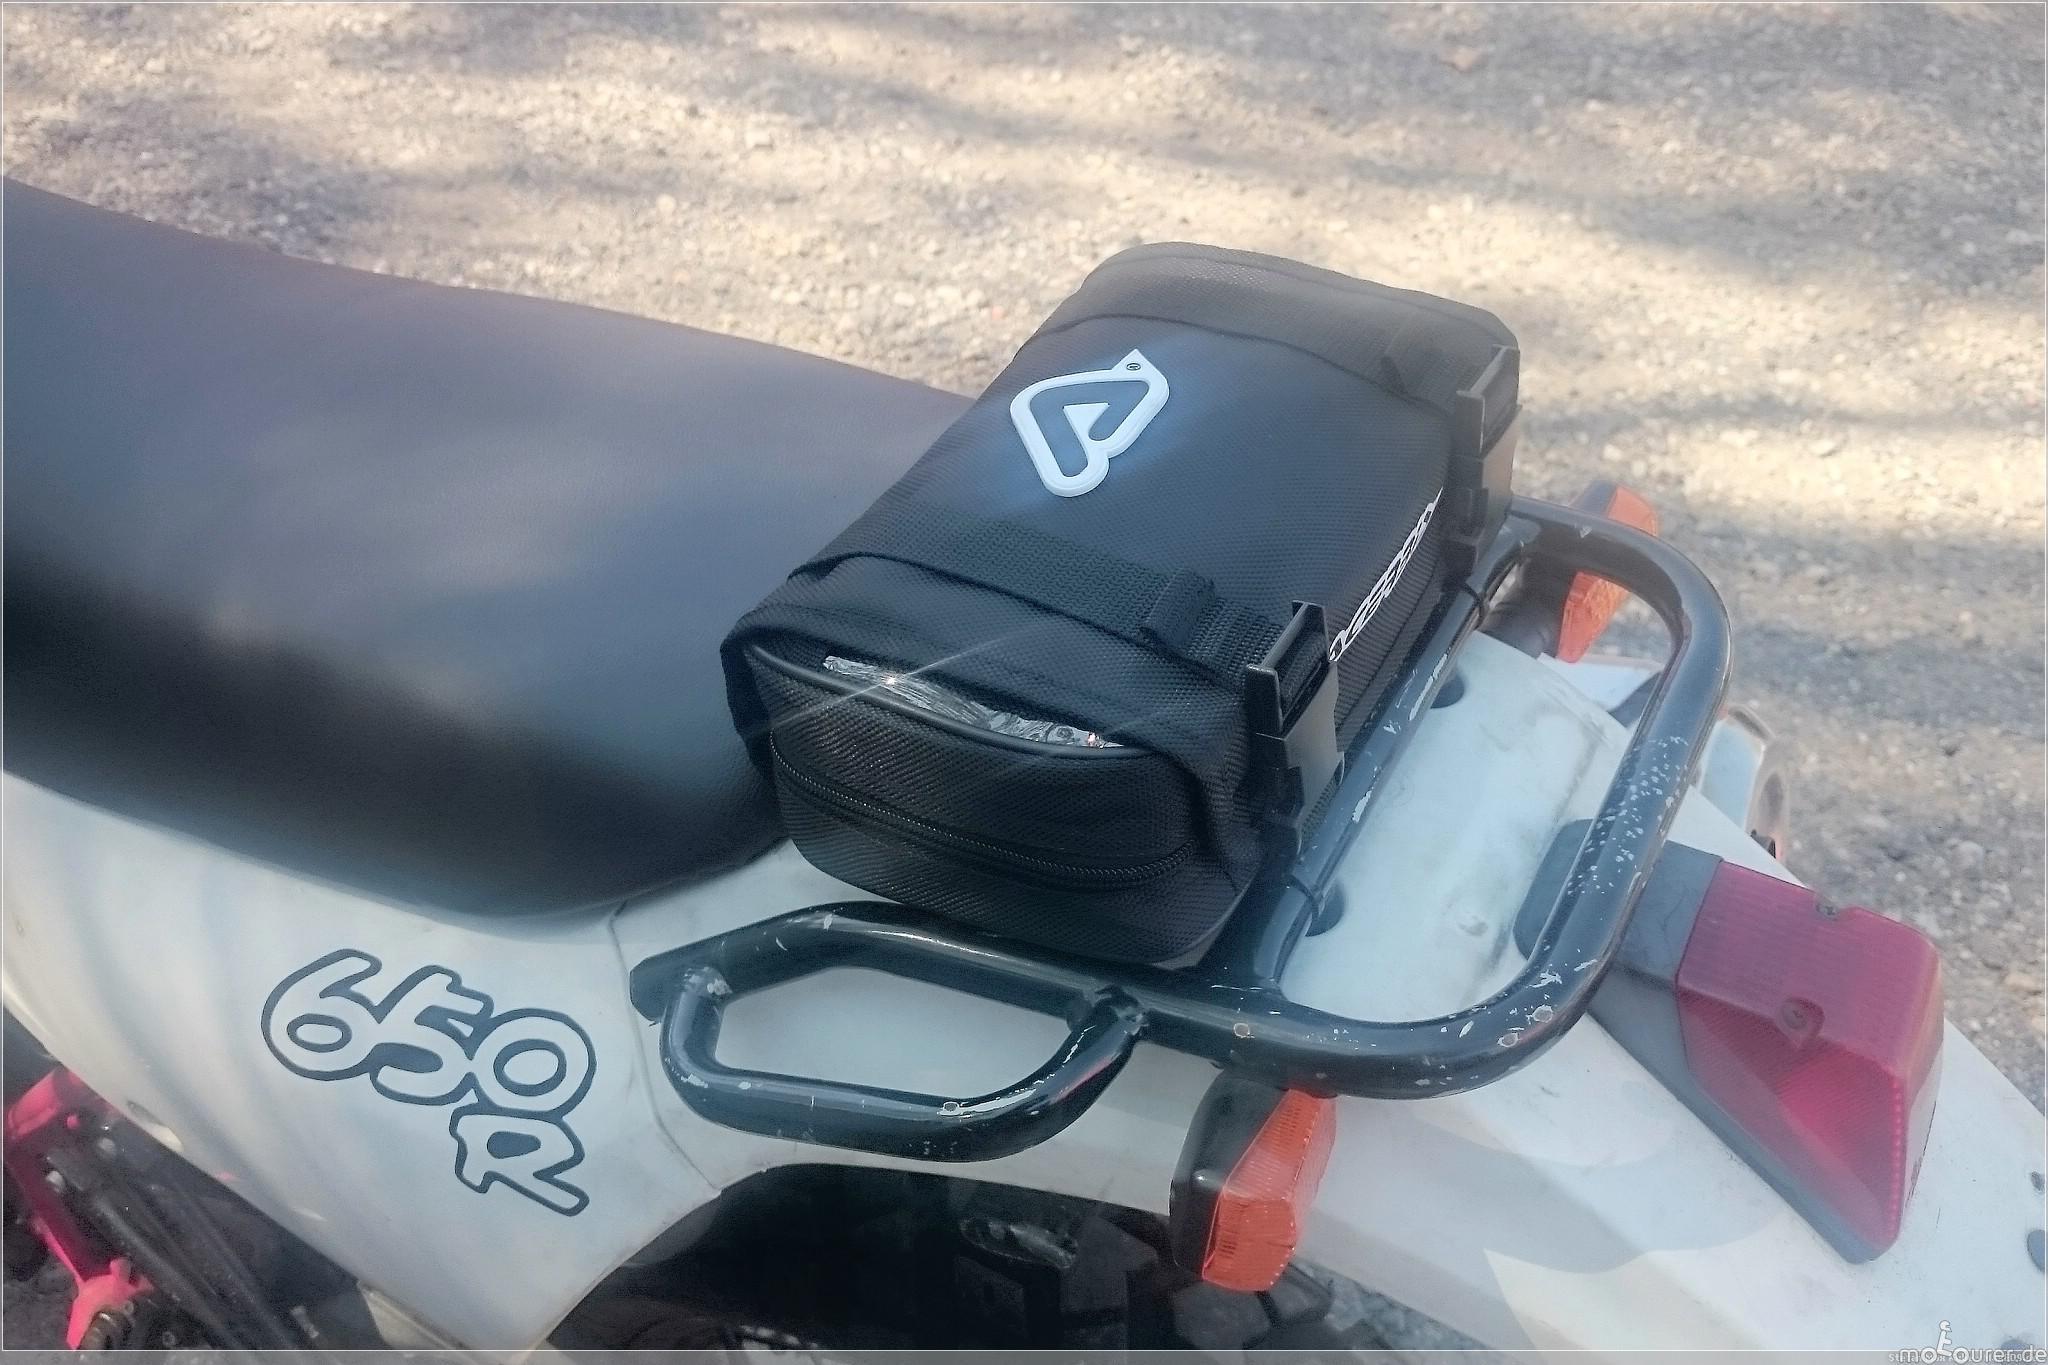 Acerbis Werkzeugtasche montiert